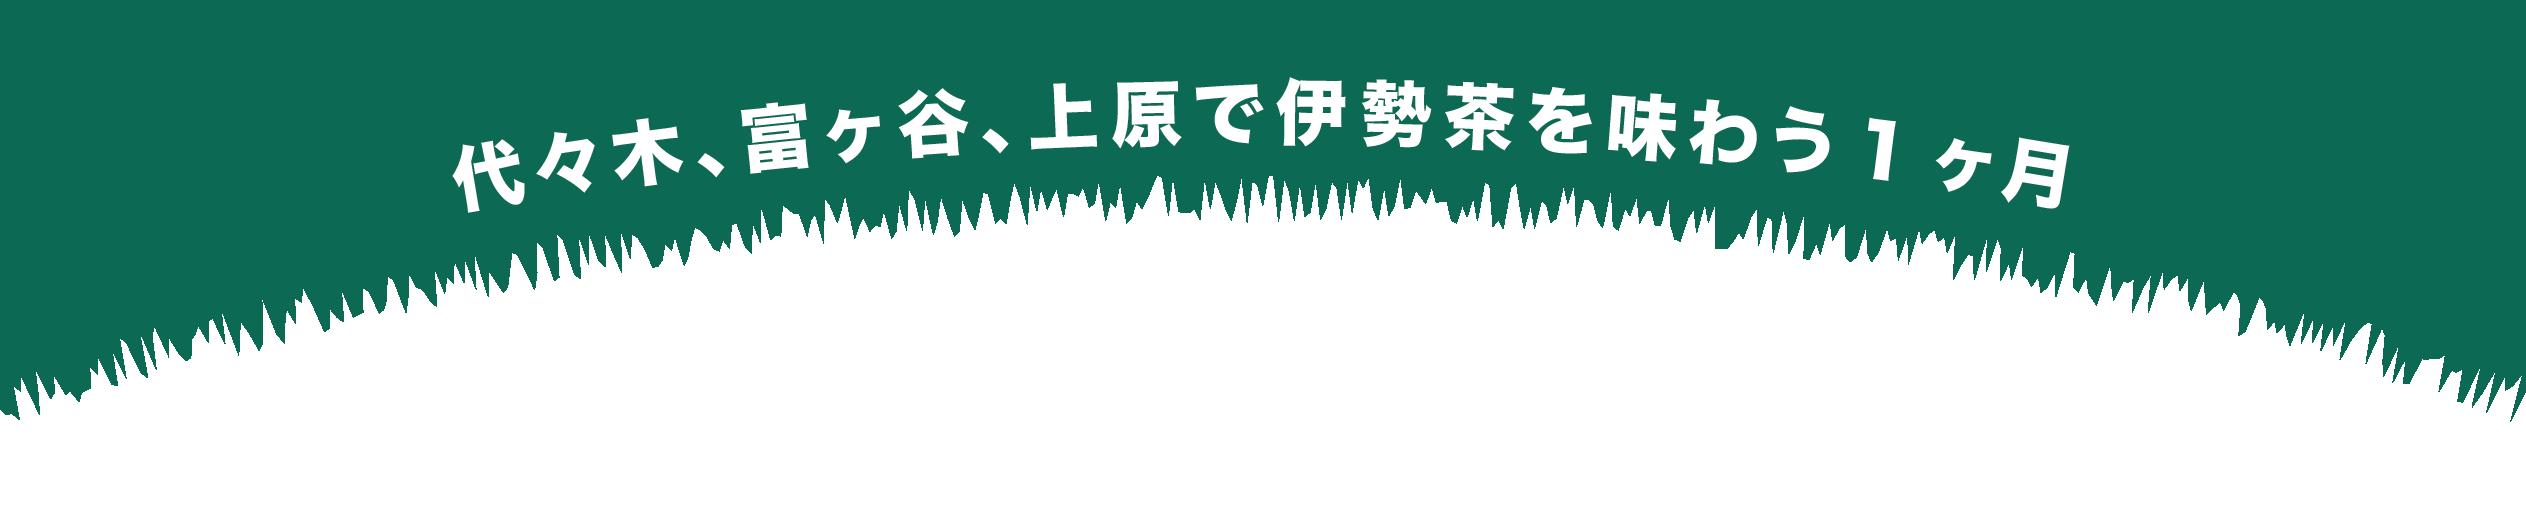 代々木、富ヶ谷、上原で伊勢茶を味わう1ヶ月